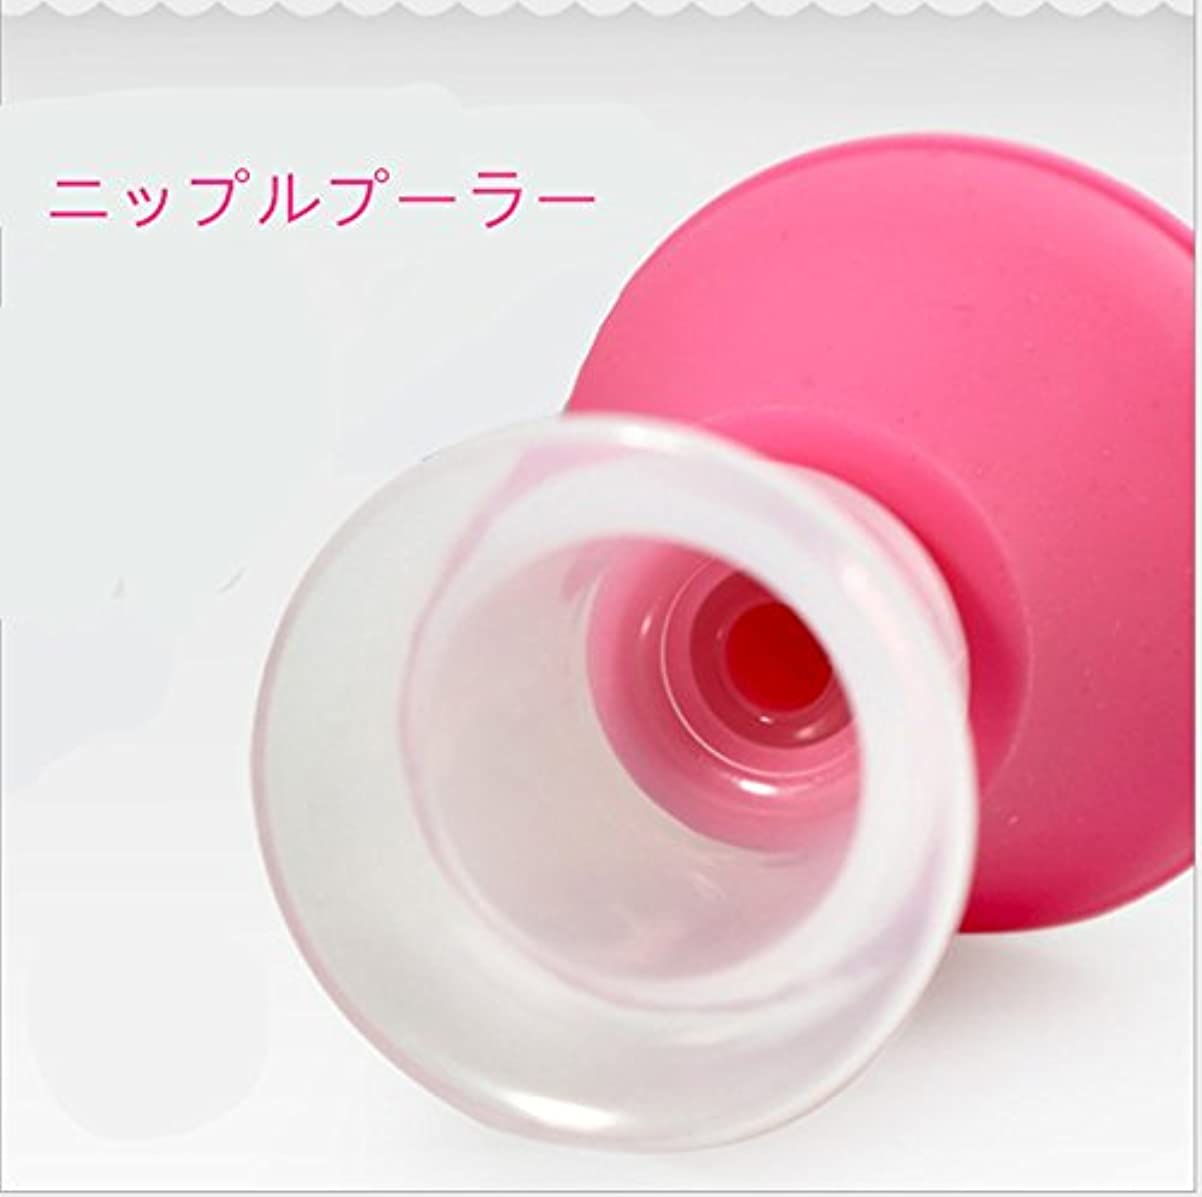 比類なきチェリー貴重なピジョン 乳頭吸引器 ケース付扁平乳首に乳頭吸引器 母乳育児ケア ランダム色